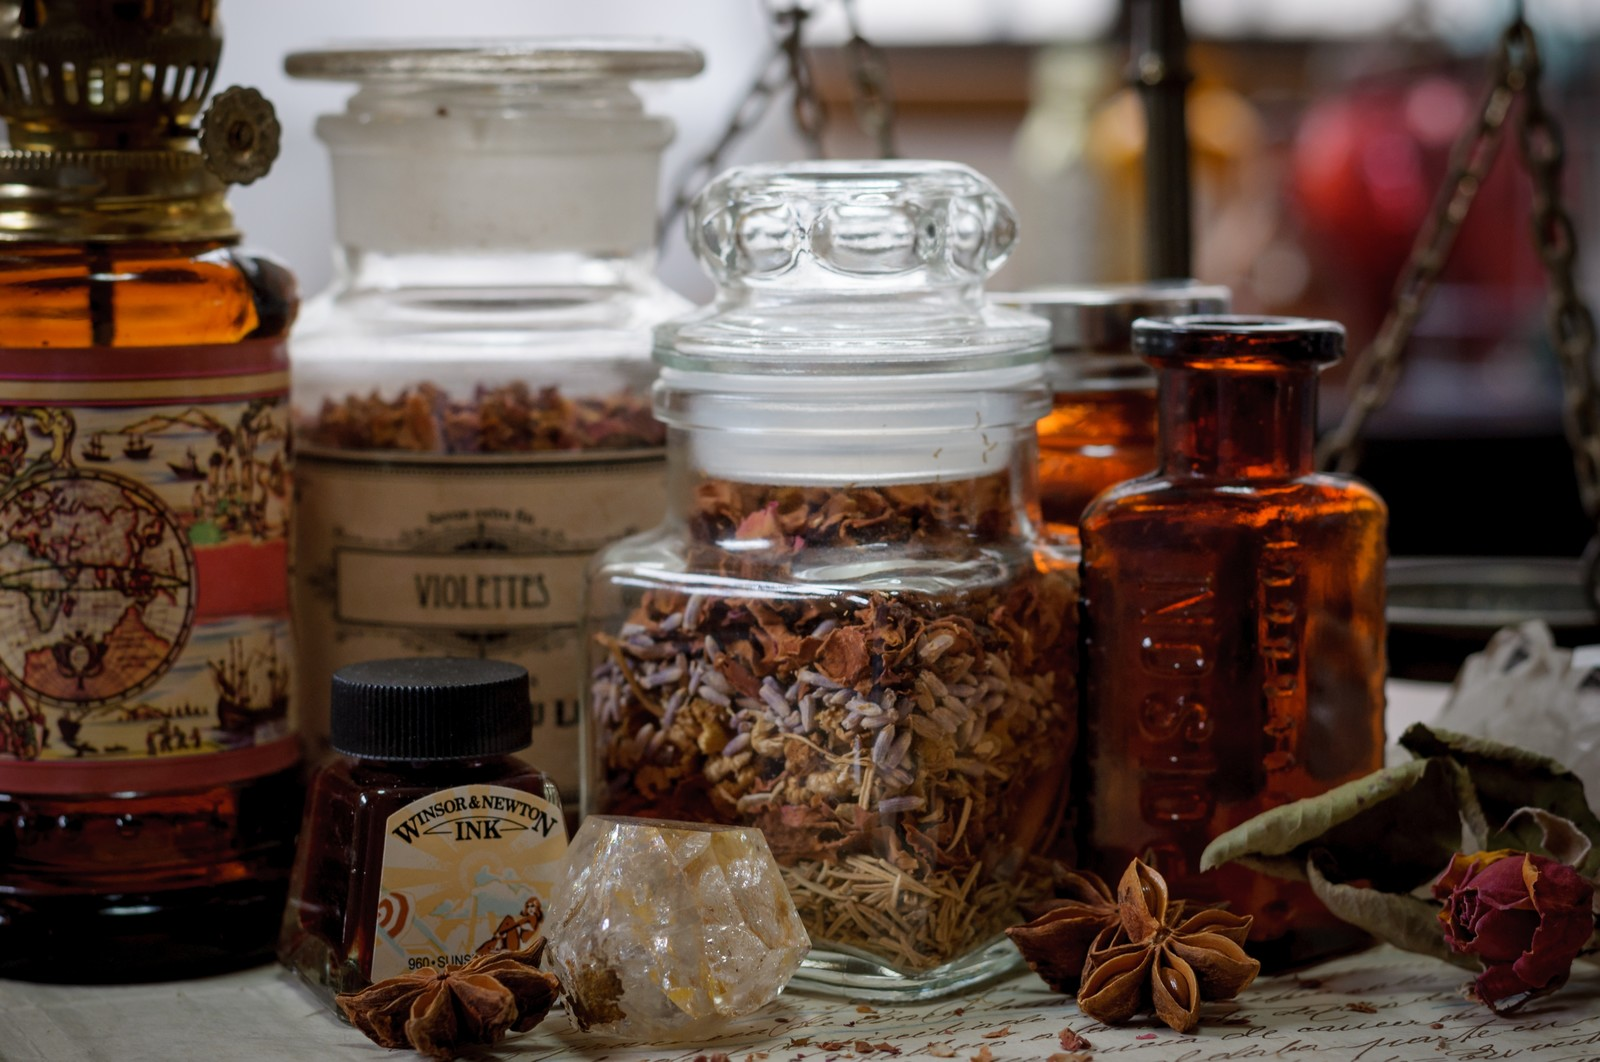 「薬瓶が並ぶ魔女の机薬瓶が並ぶ魔女の机」のフリー写真素材を拡大